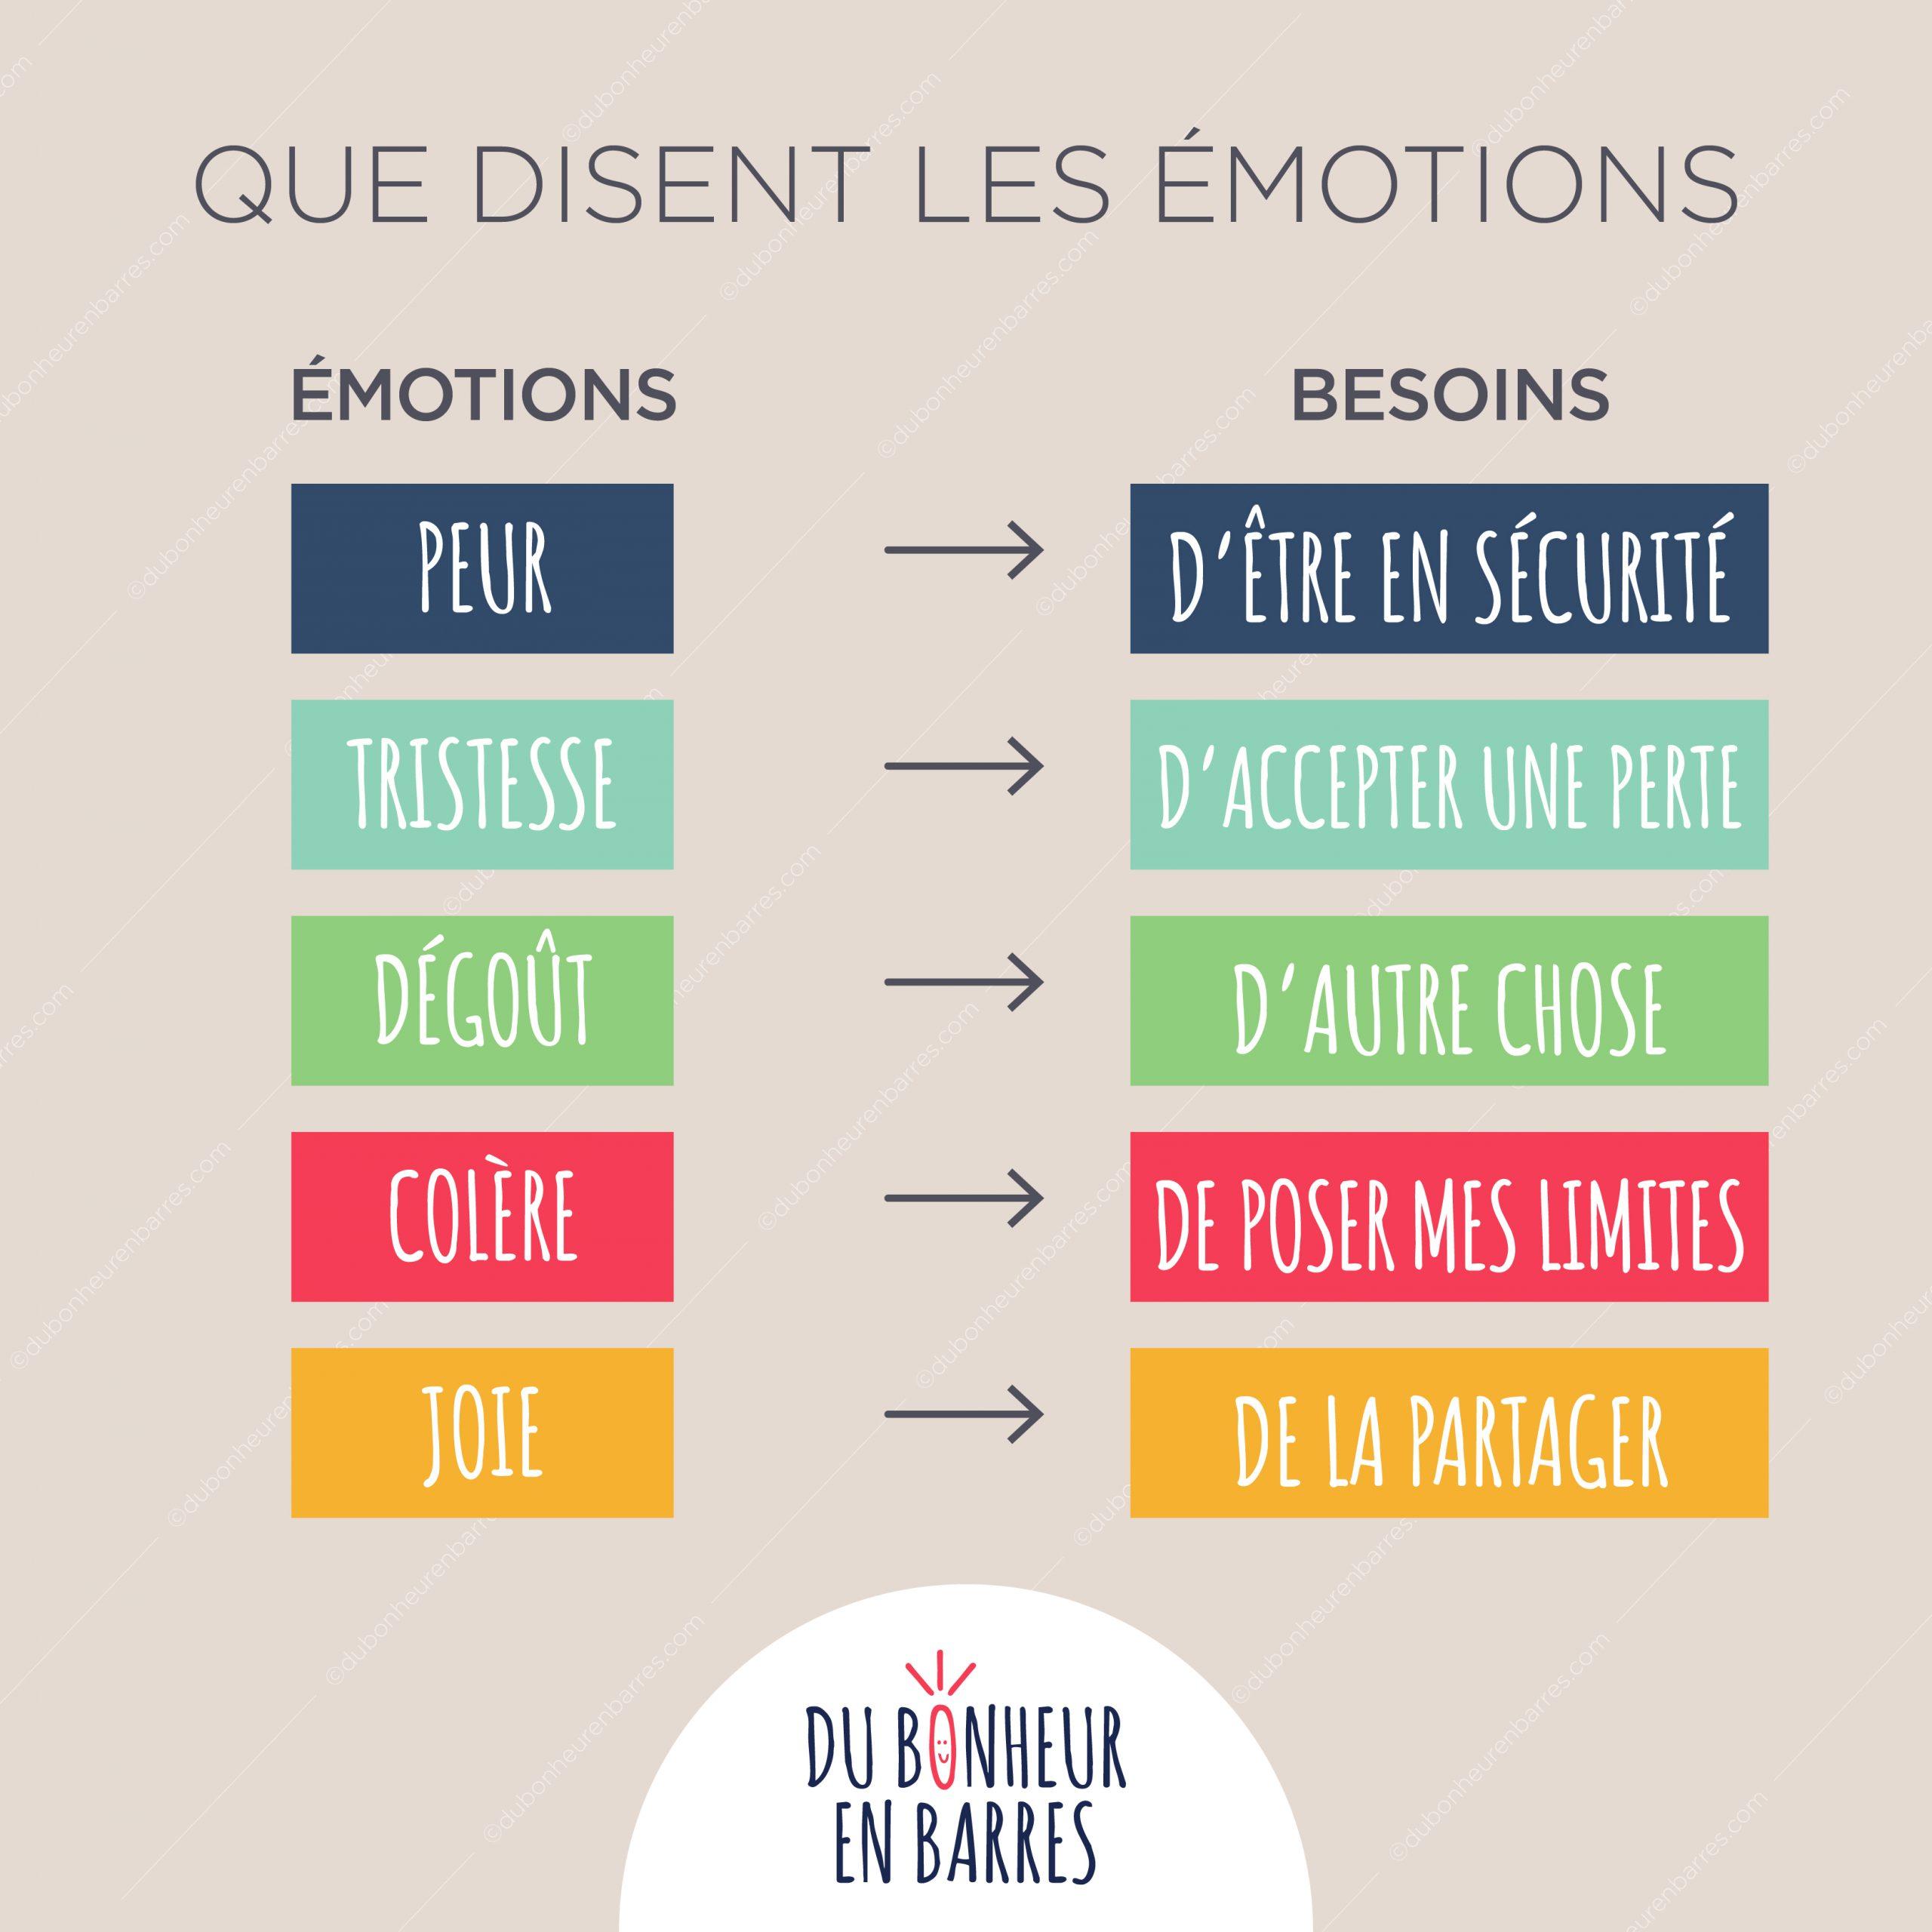 Que disent les émotions